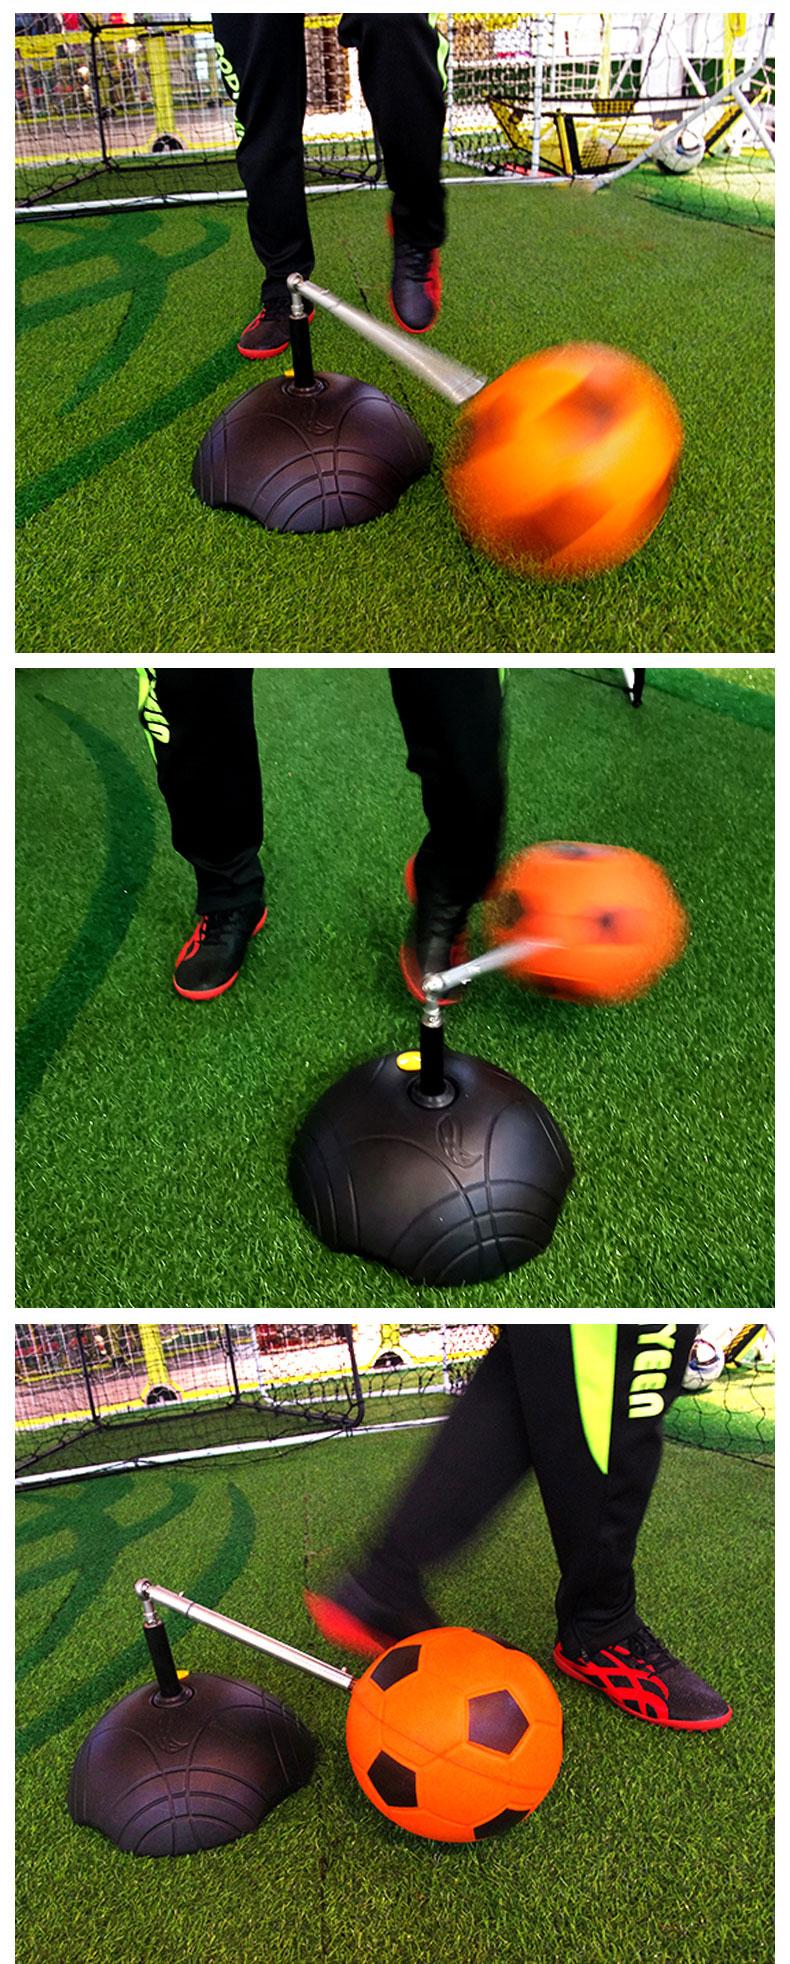 足球脚感训练器颠球训练器青少年足球训练器球场两用球感训练神器-tmall_05.jpg